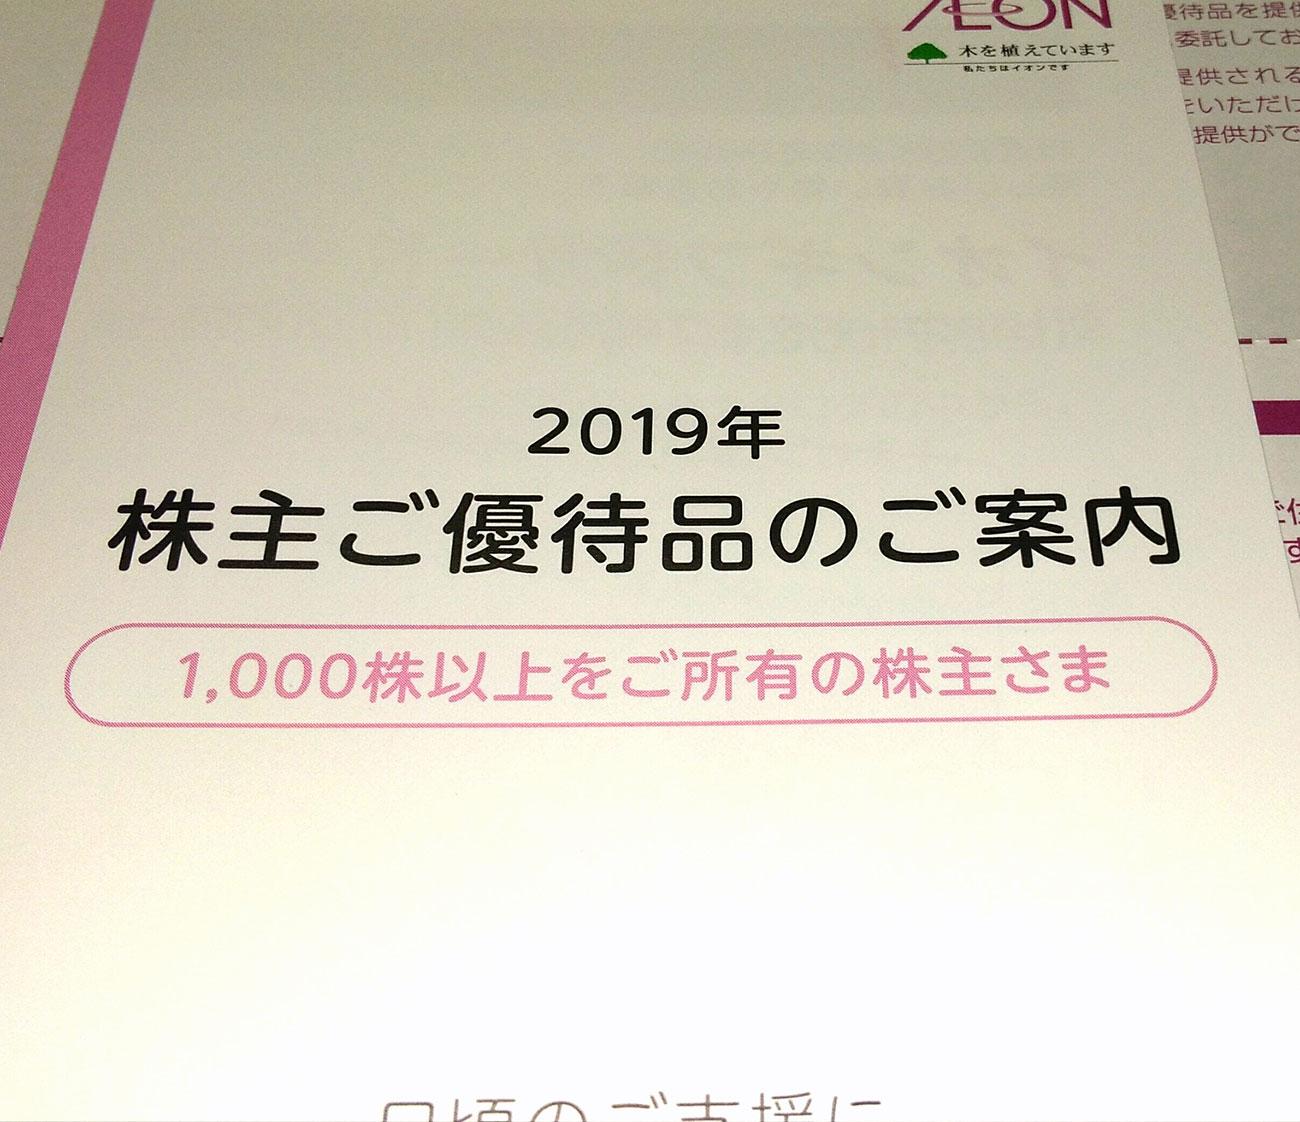 イオンモール 株主優待 アイキャッチ